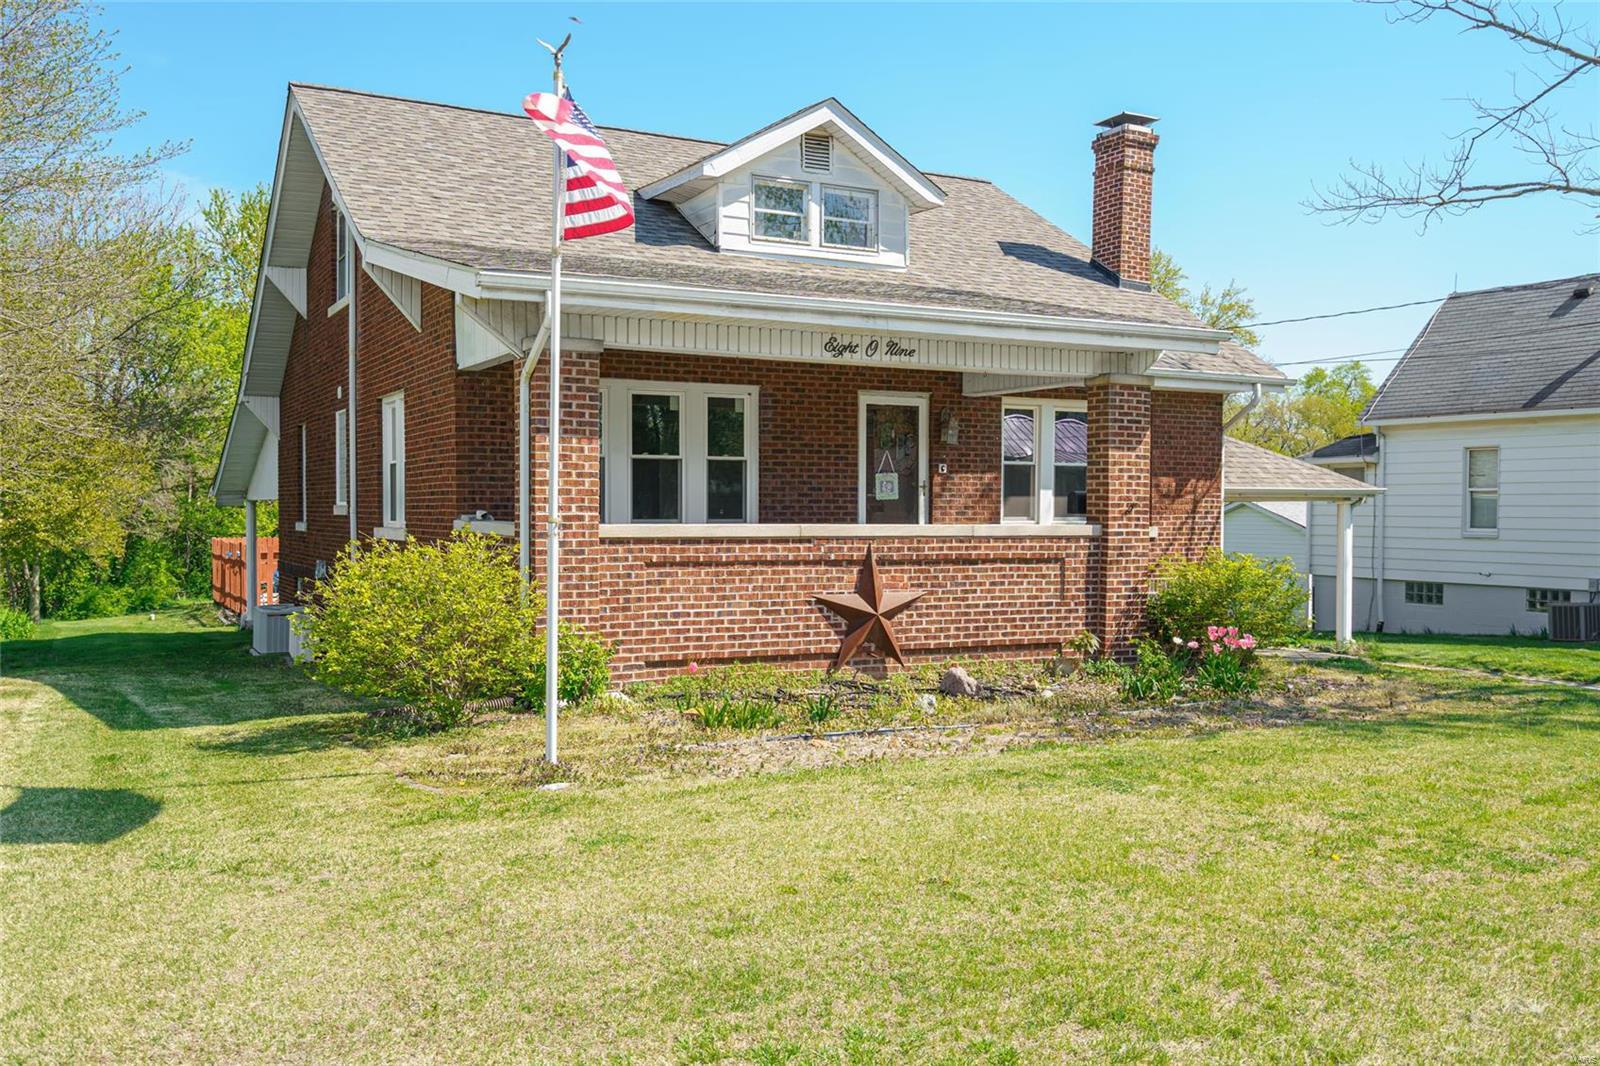 809 W Pearl Property Photo - Staunton, IL real estate listing